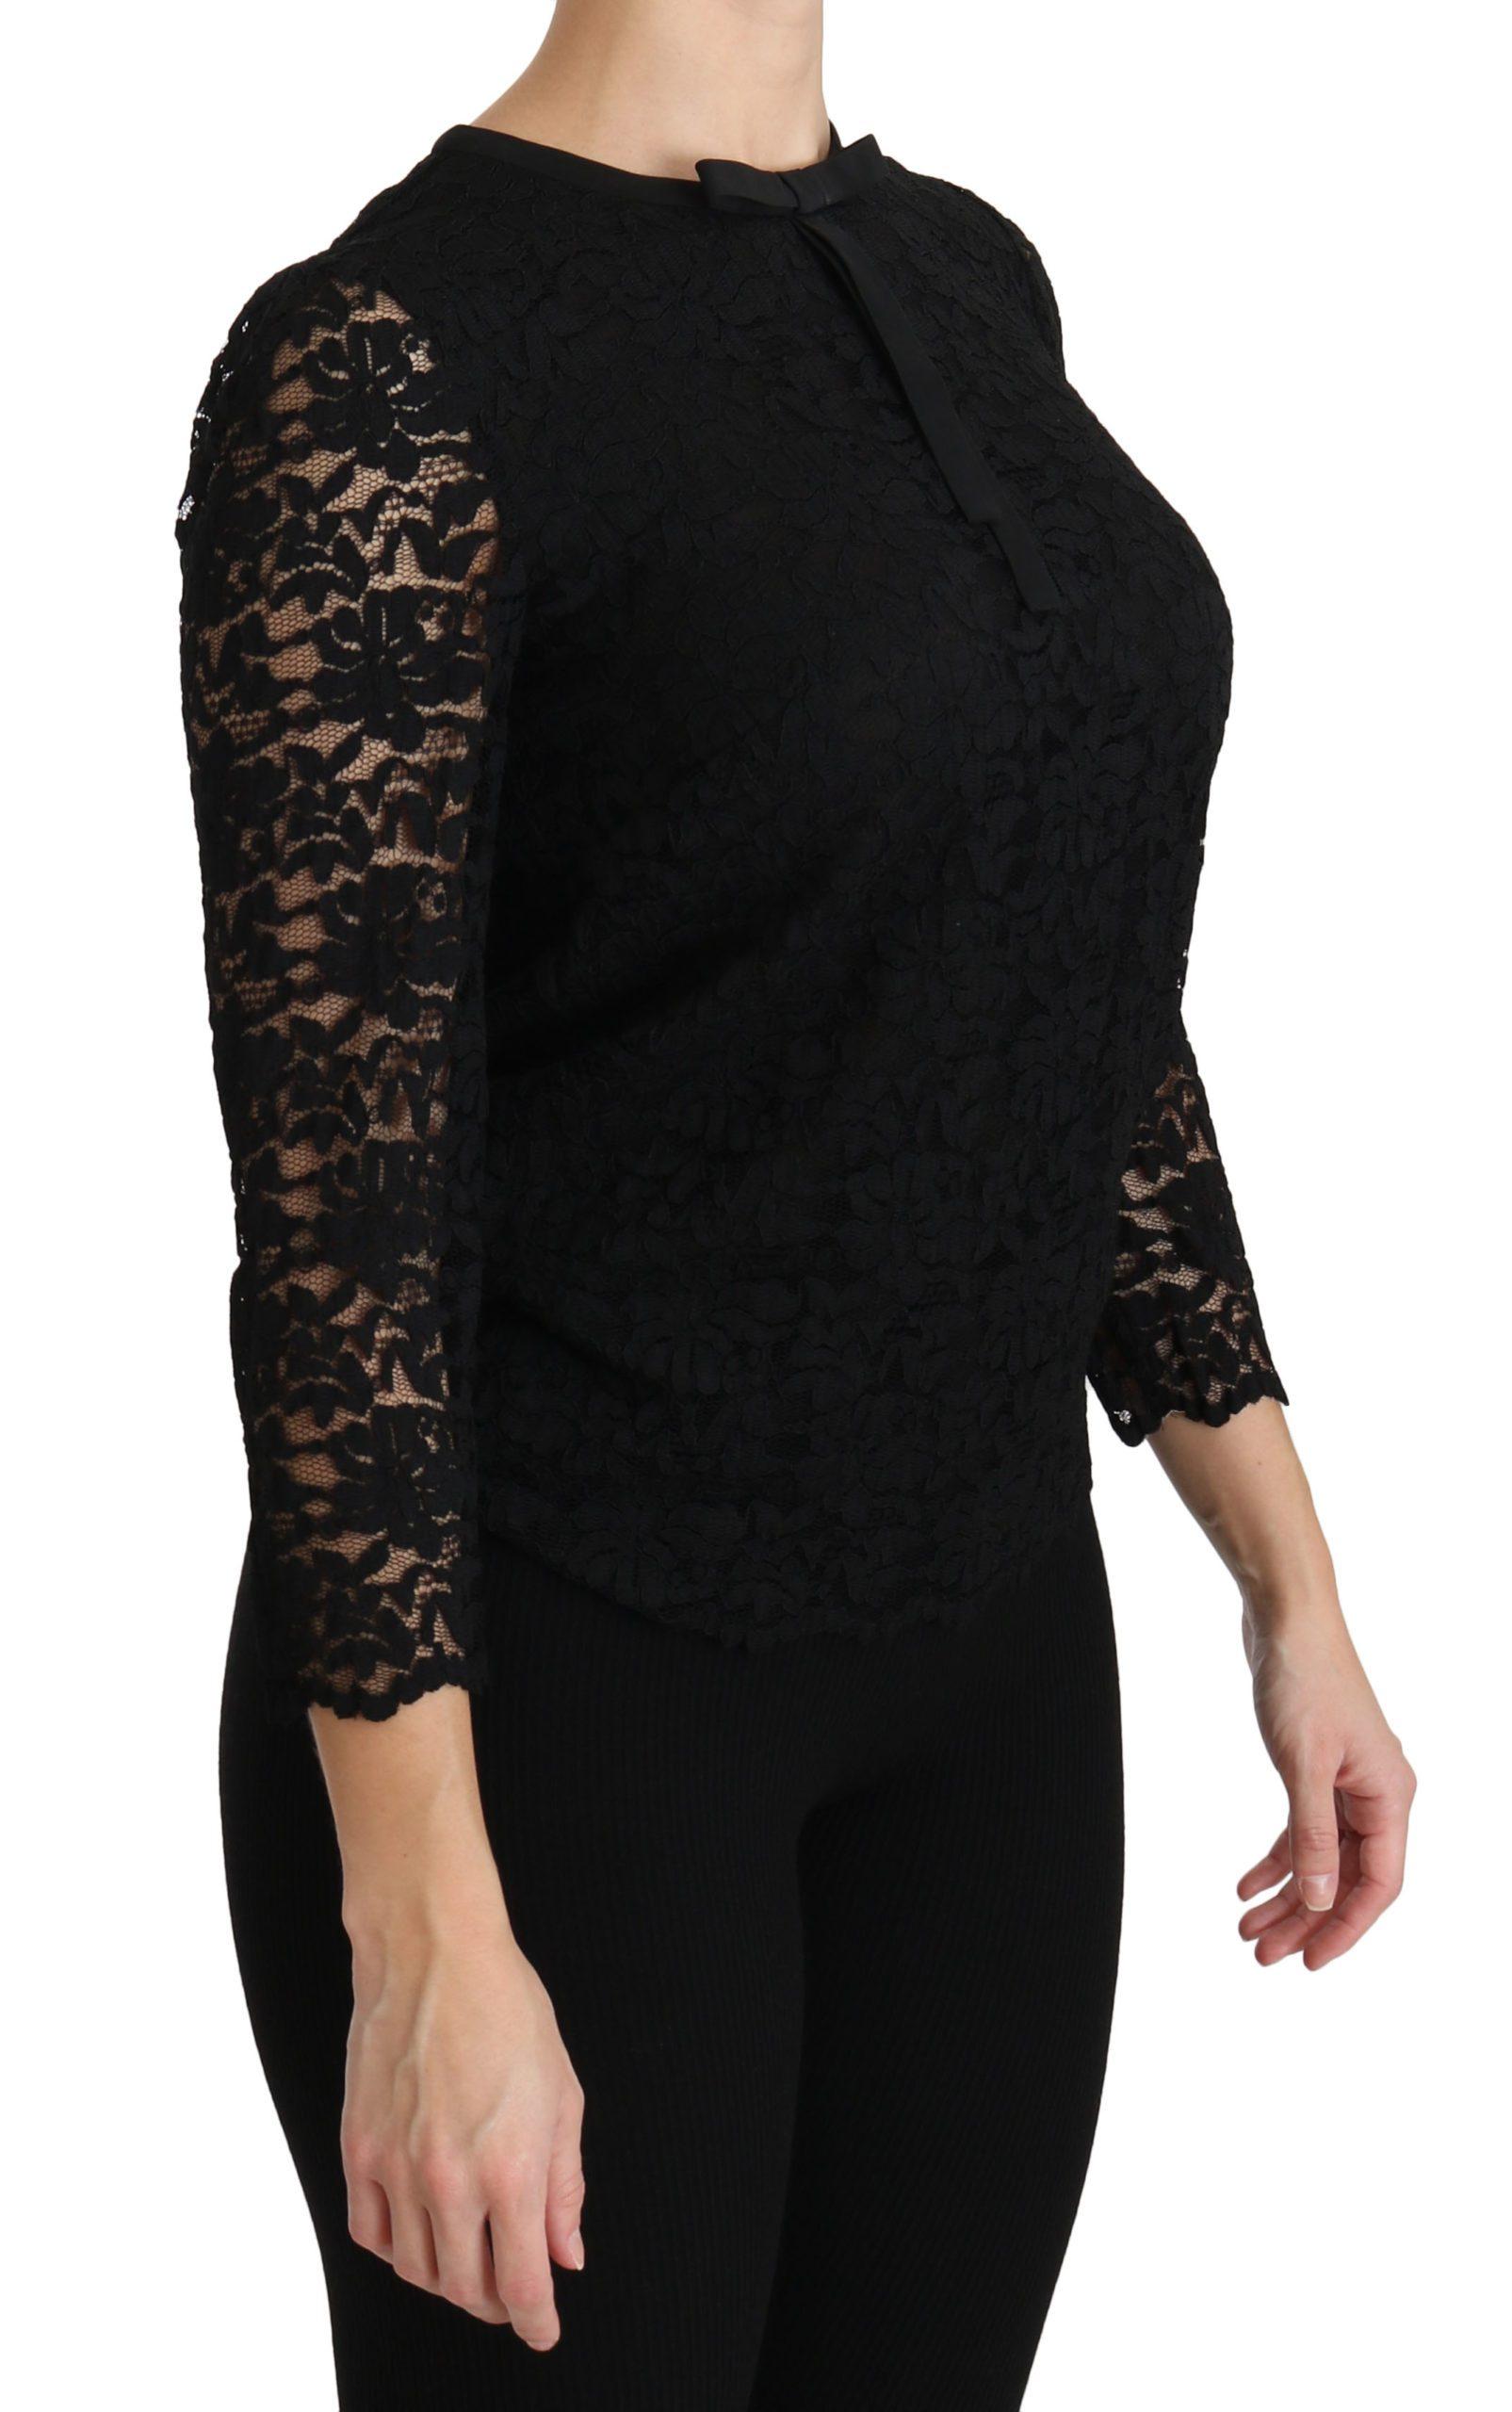 Black Lace Long Sleeve Nylon Blouse - IT44|L